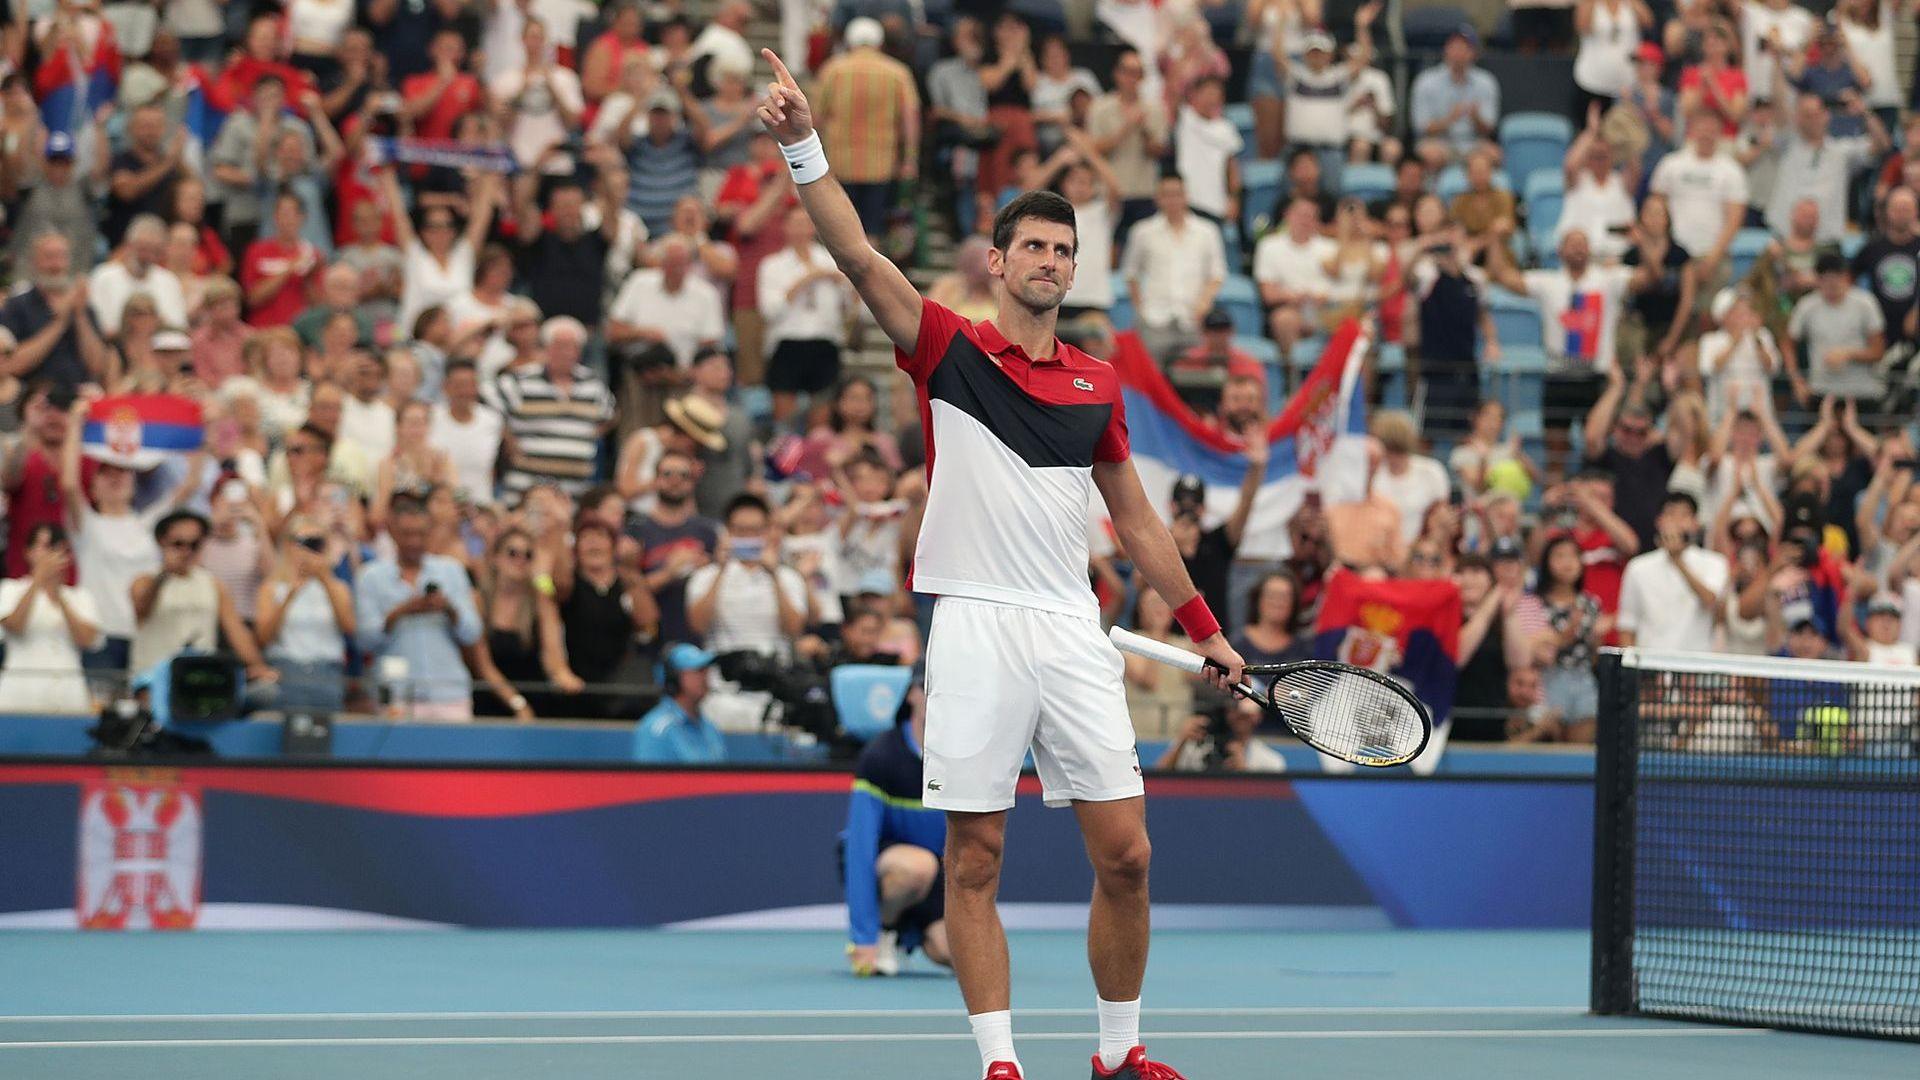 Сидни стана Белград, а Ноле прати сърбите на полуфинал с голям обрат